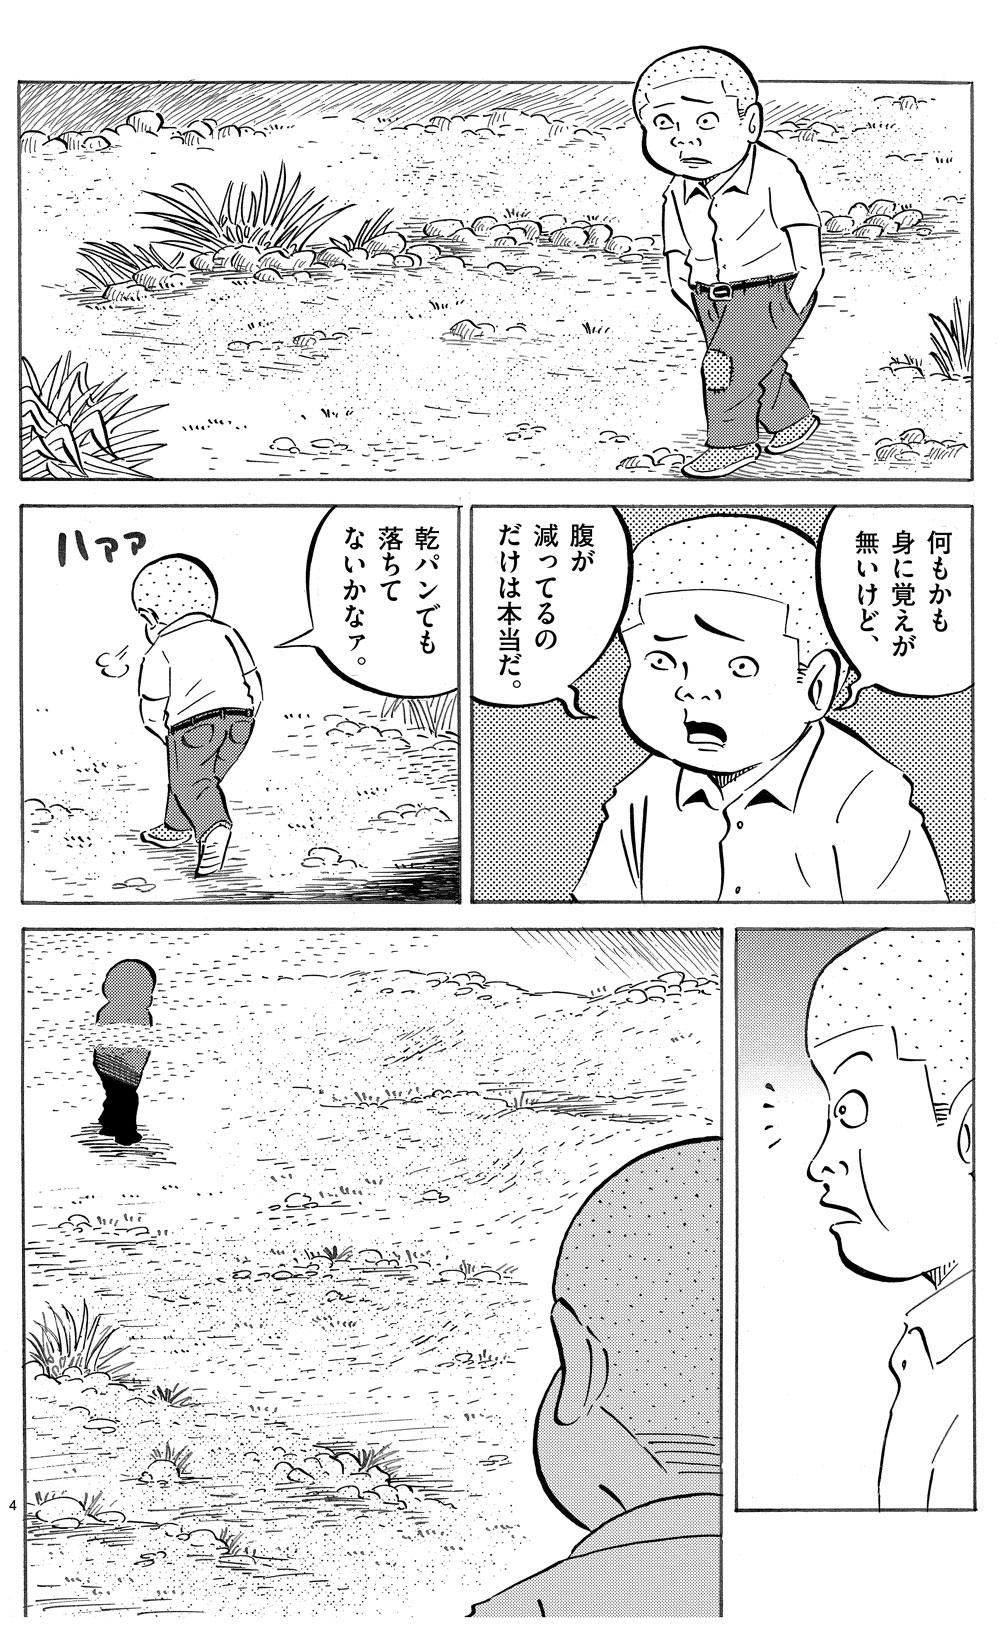 琉球怪談 【第3話】WEB掲載4ページ目画像